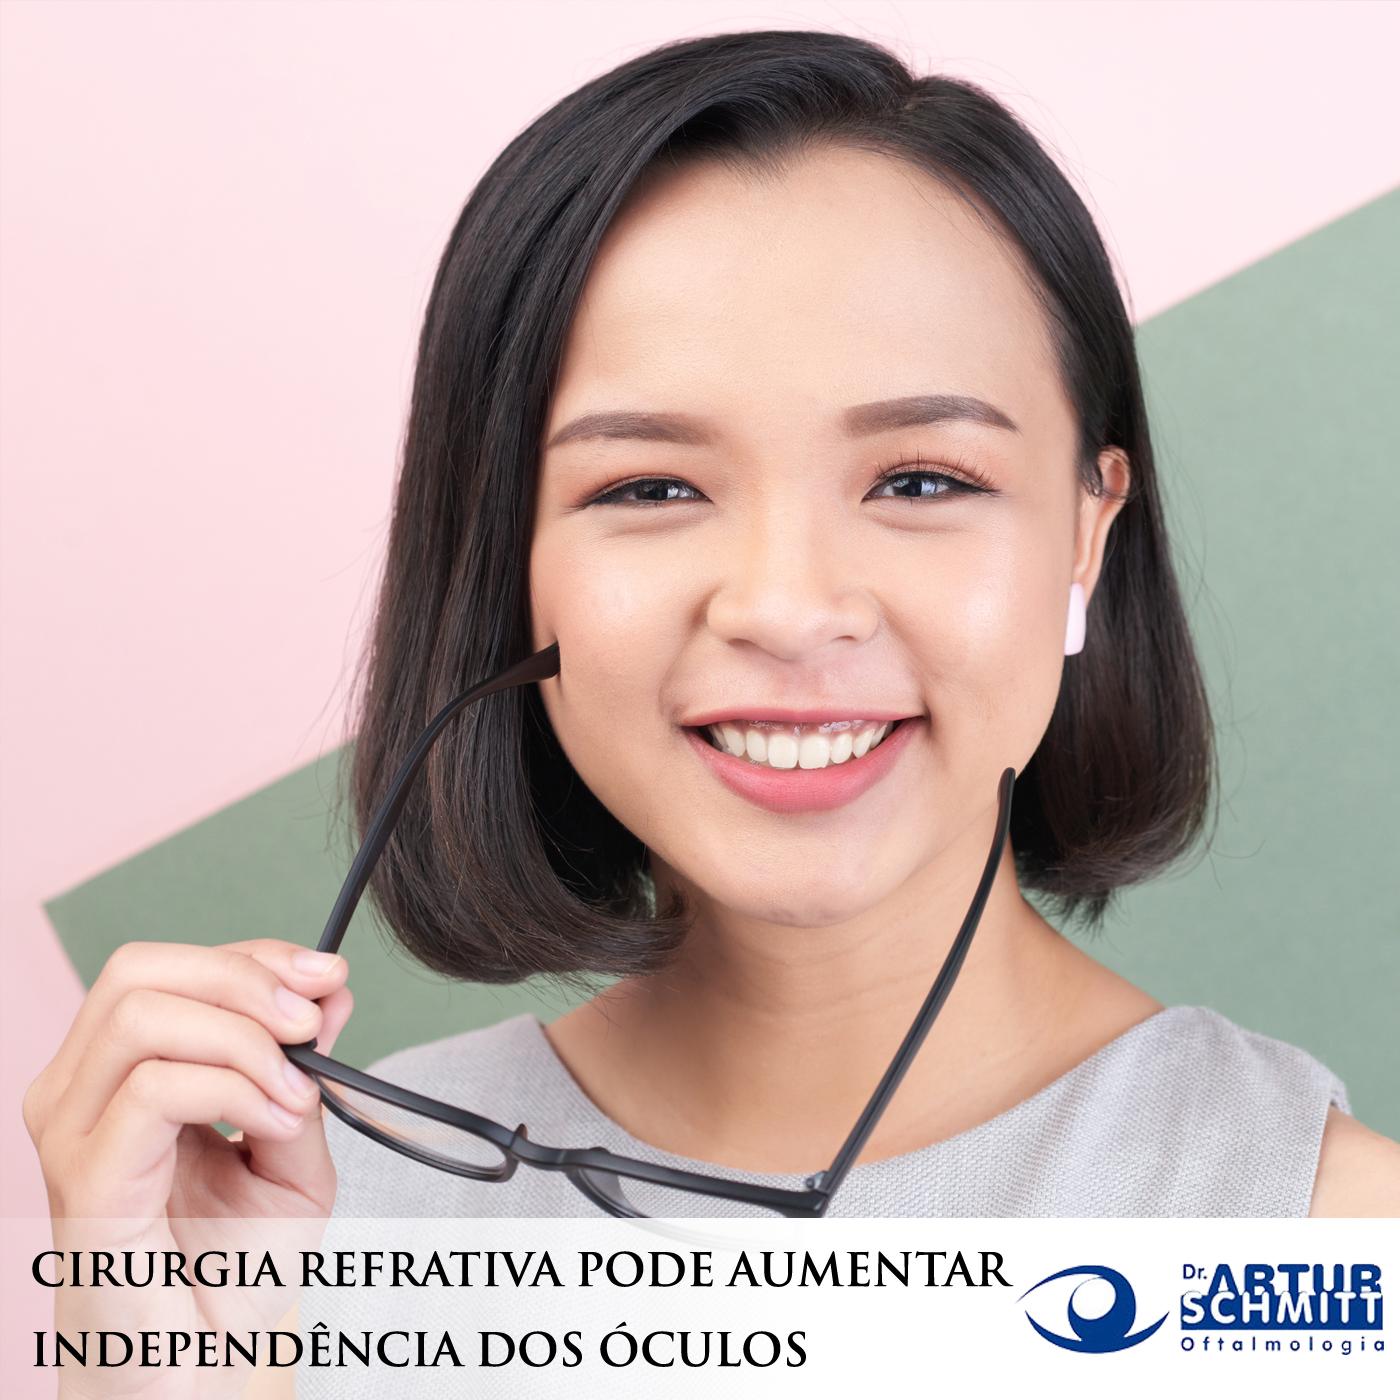 cirurgia-refrativa-pode-aumentar-independencia-dos-oculso